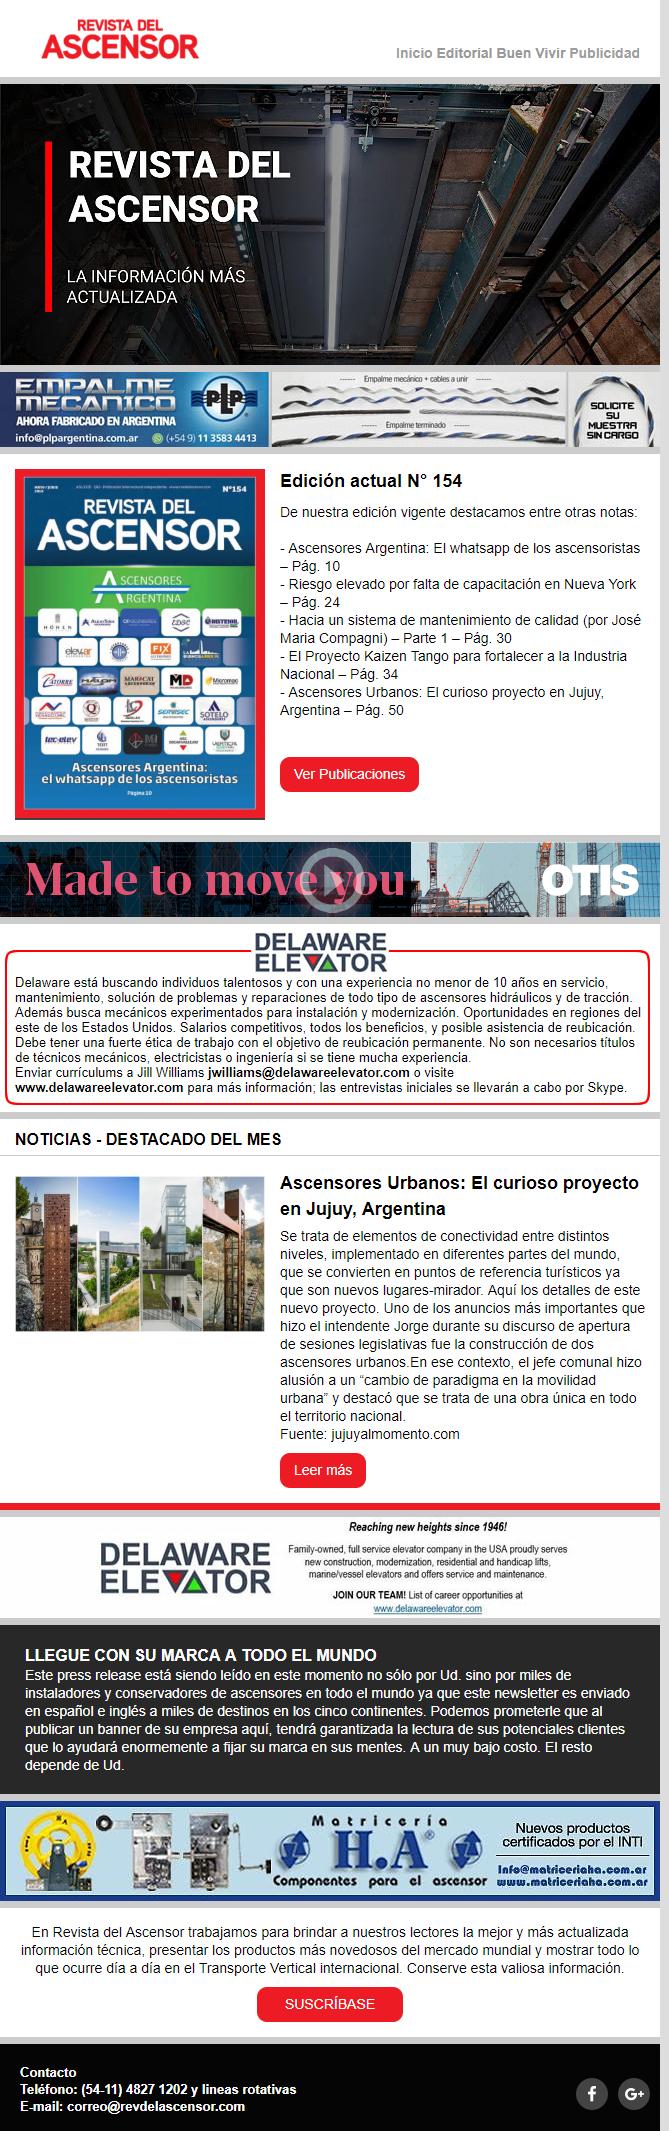 Press – Ascensores Urbanos: El curioso proyecto en Jujuy, Argentina